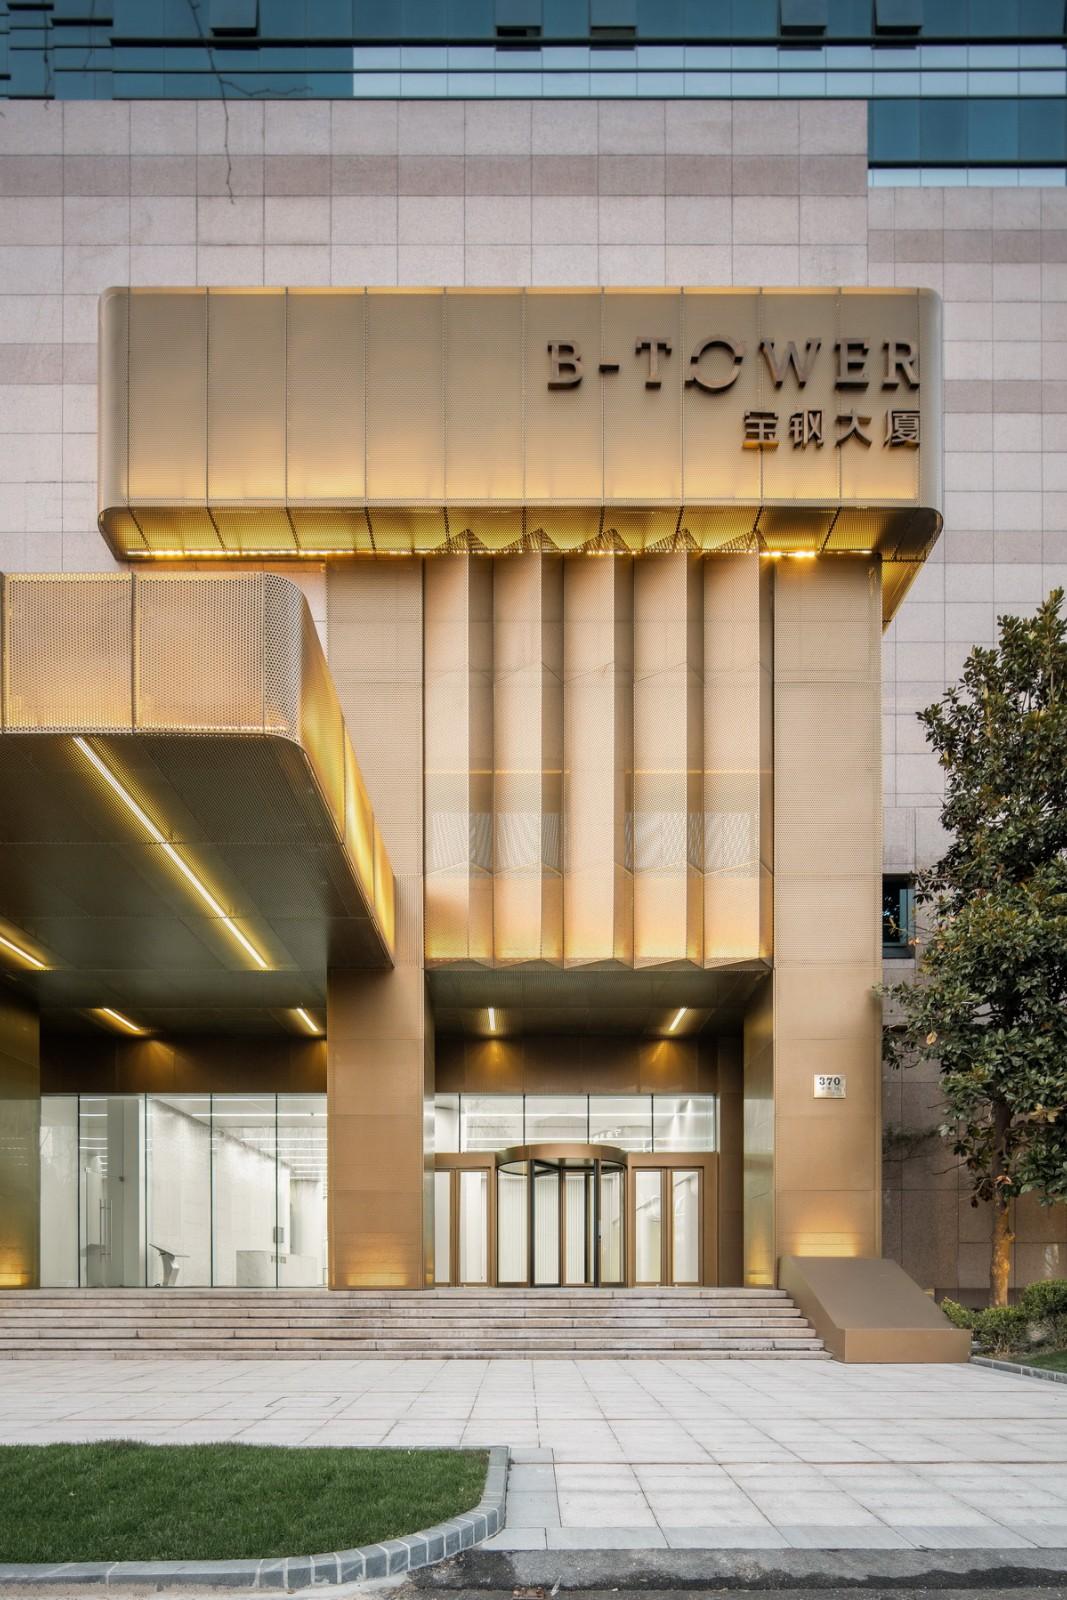 上海宝钢大厦城市更新改造设计/FTA建筑设计